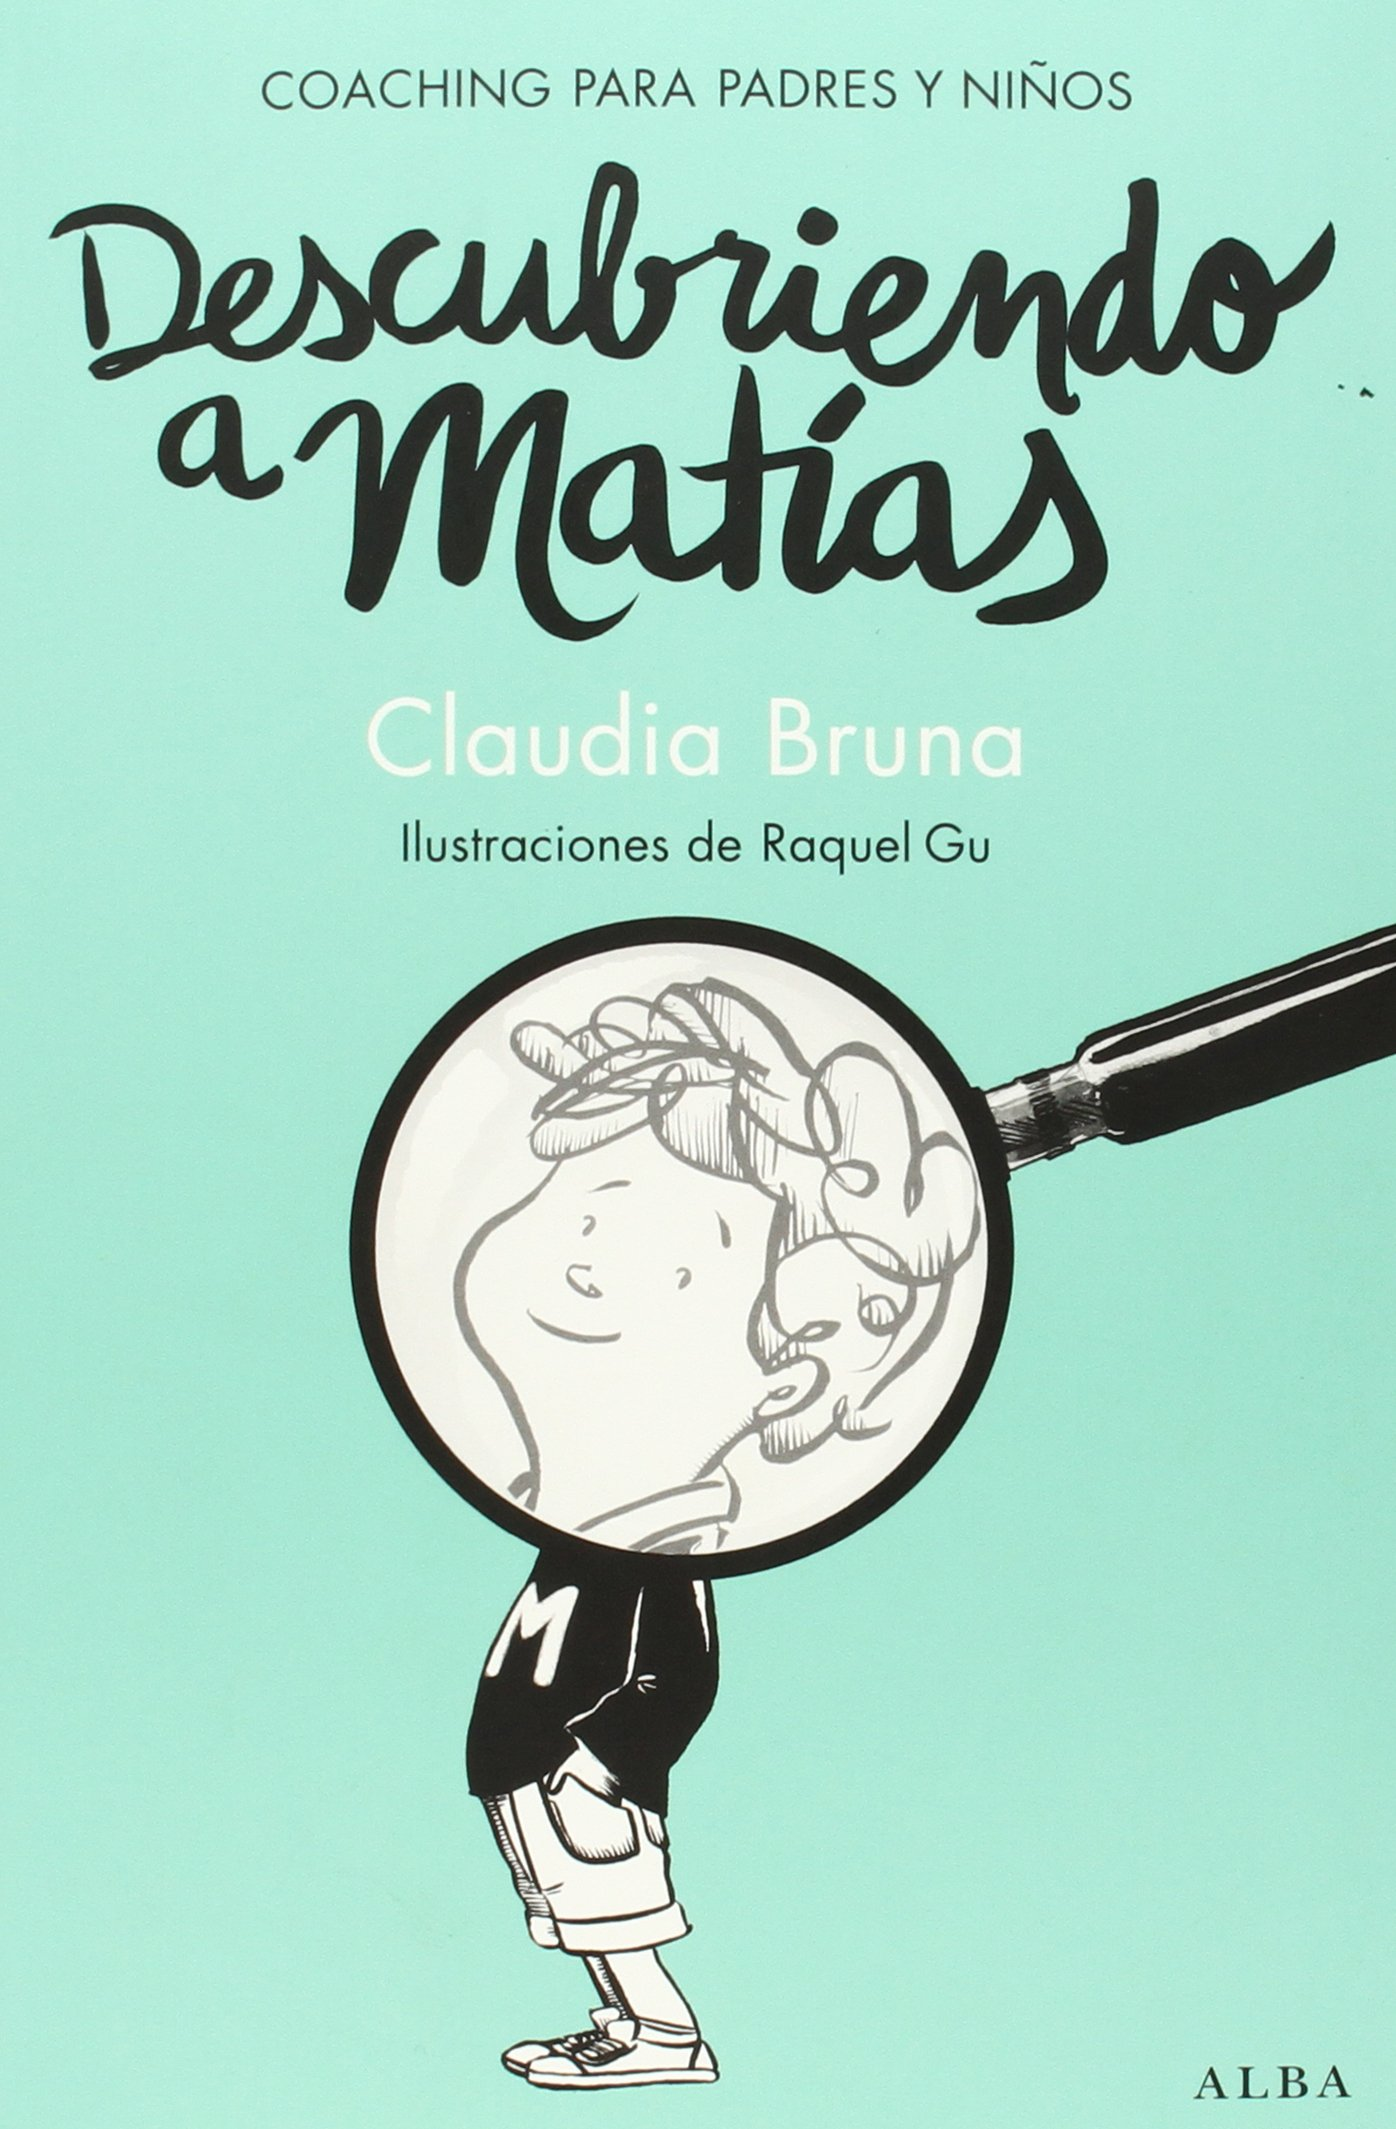 Descubriendo A Matías (Psicología/Guías para padres): Amazon.es: Bruna, Claudia, Gu, Raquel: Libros